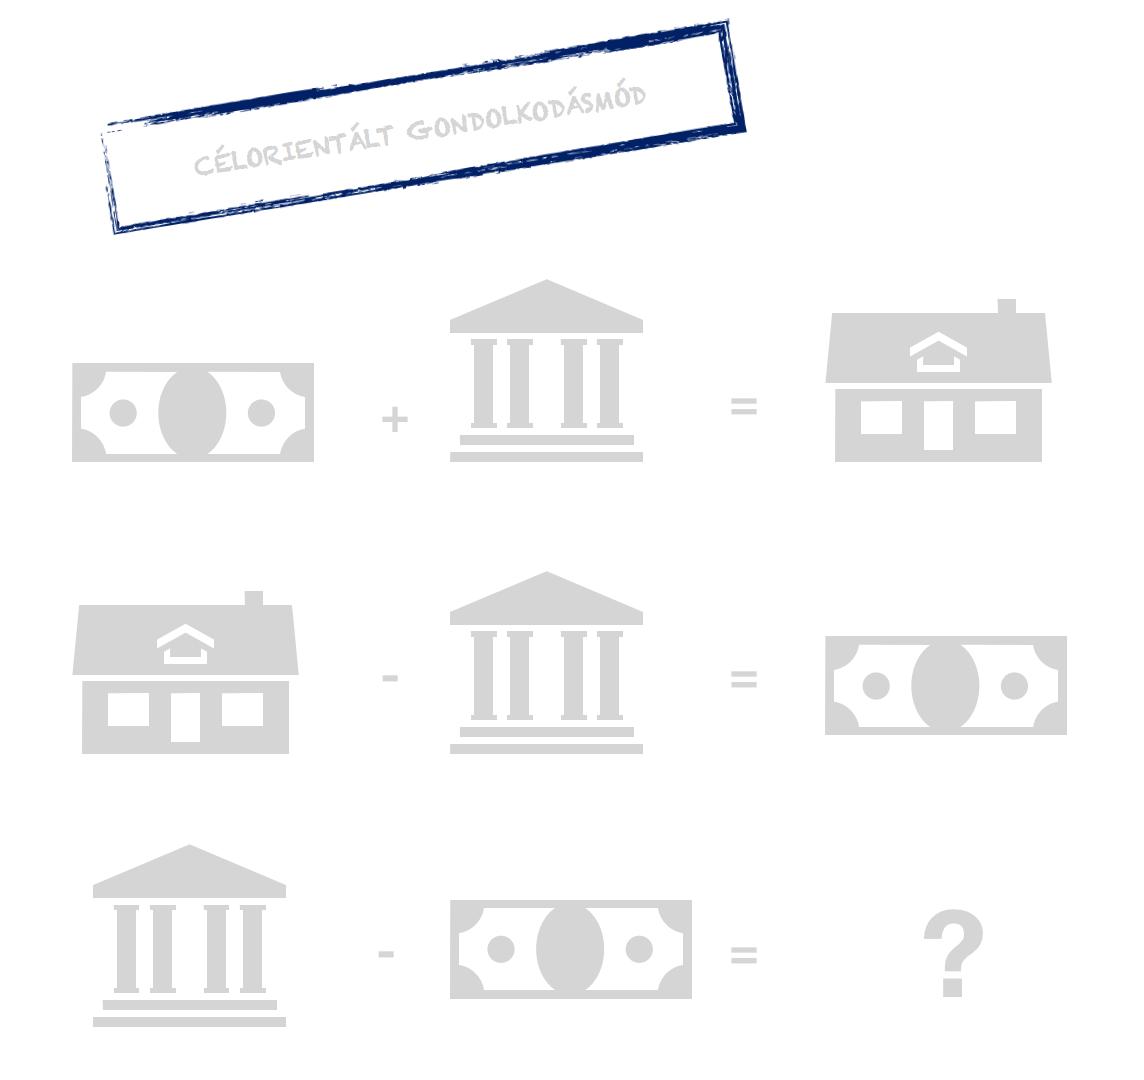 célorientált gondolkodásmód hitelfelvétel esetében